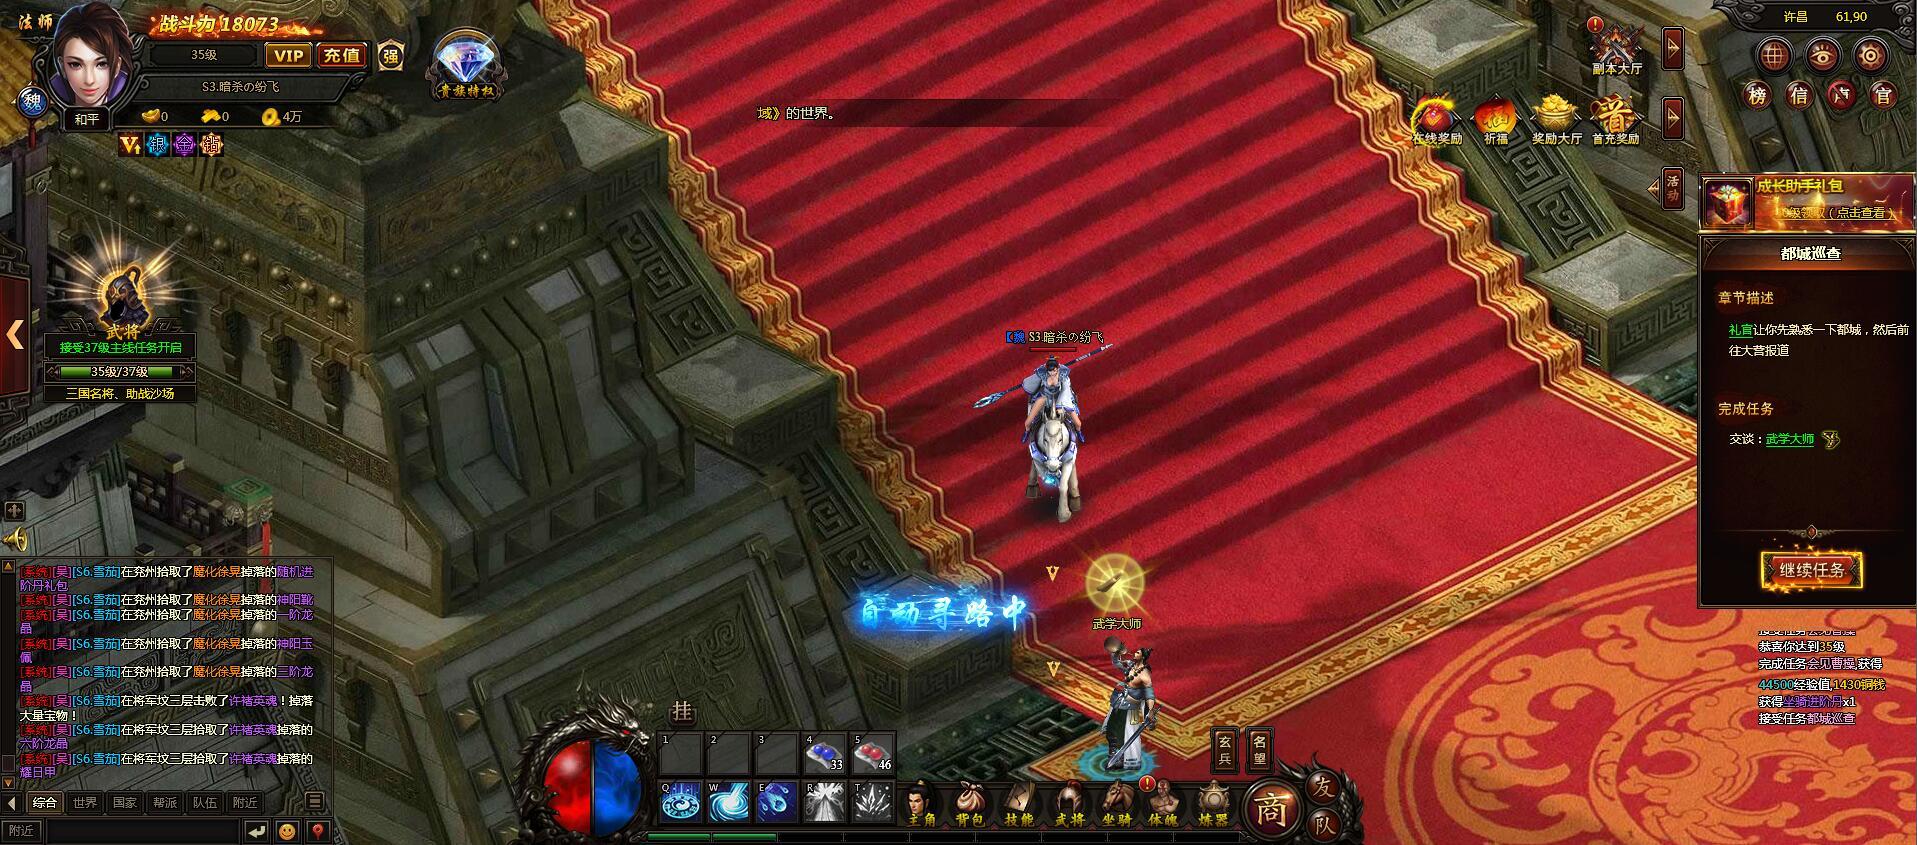 《剑雨星辰》游戏截图